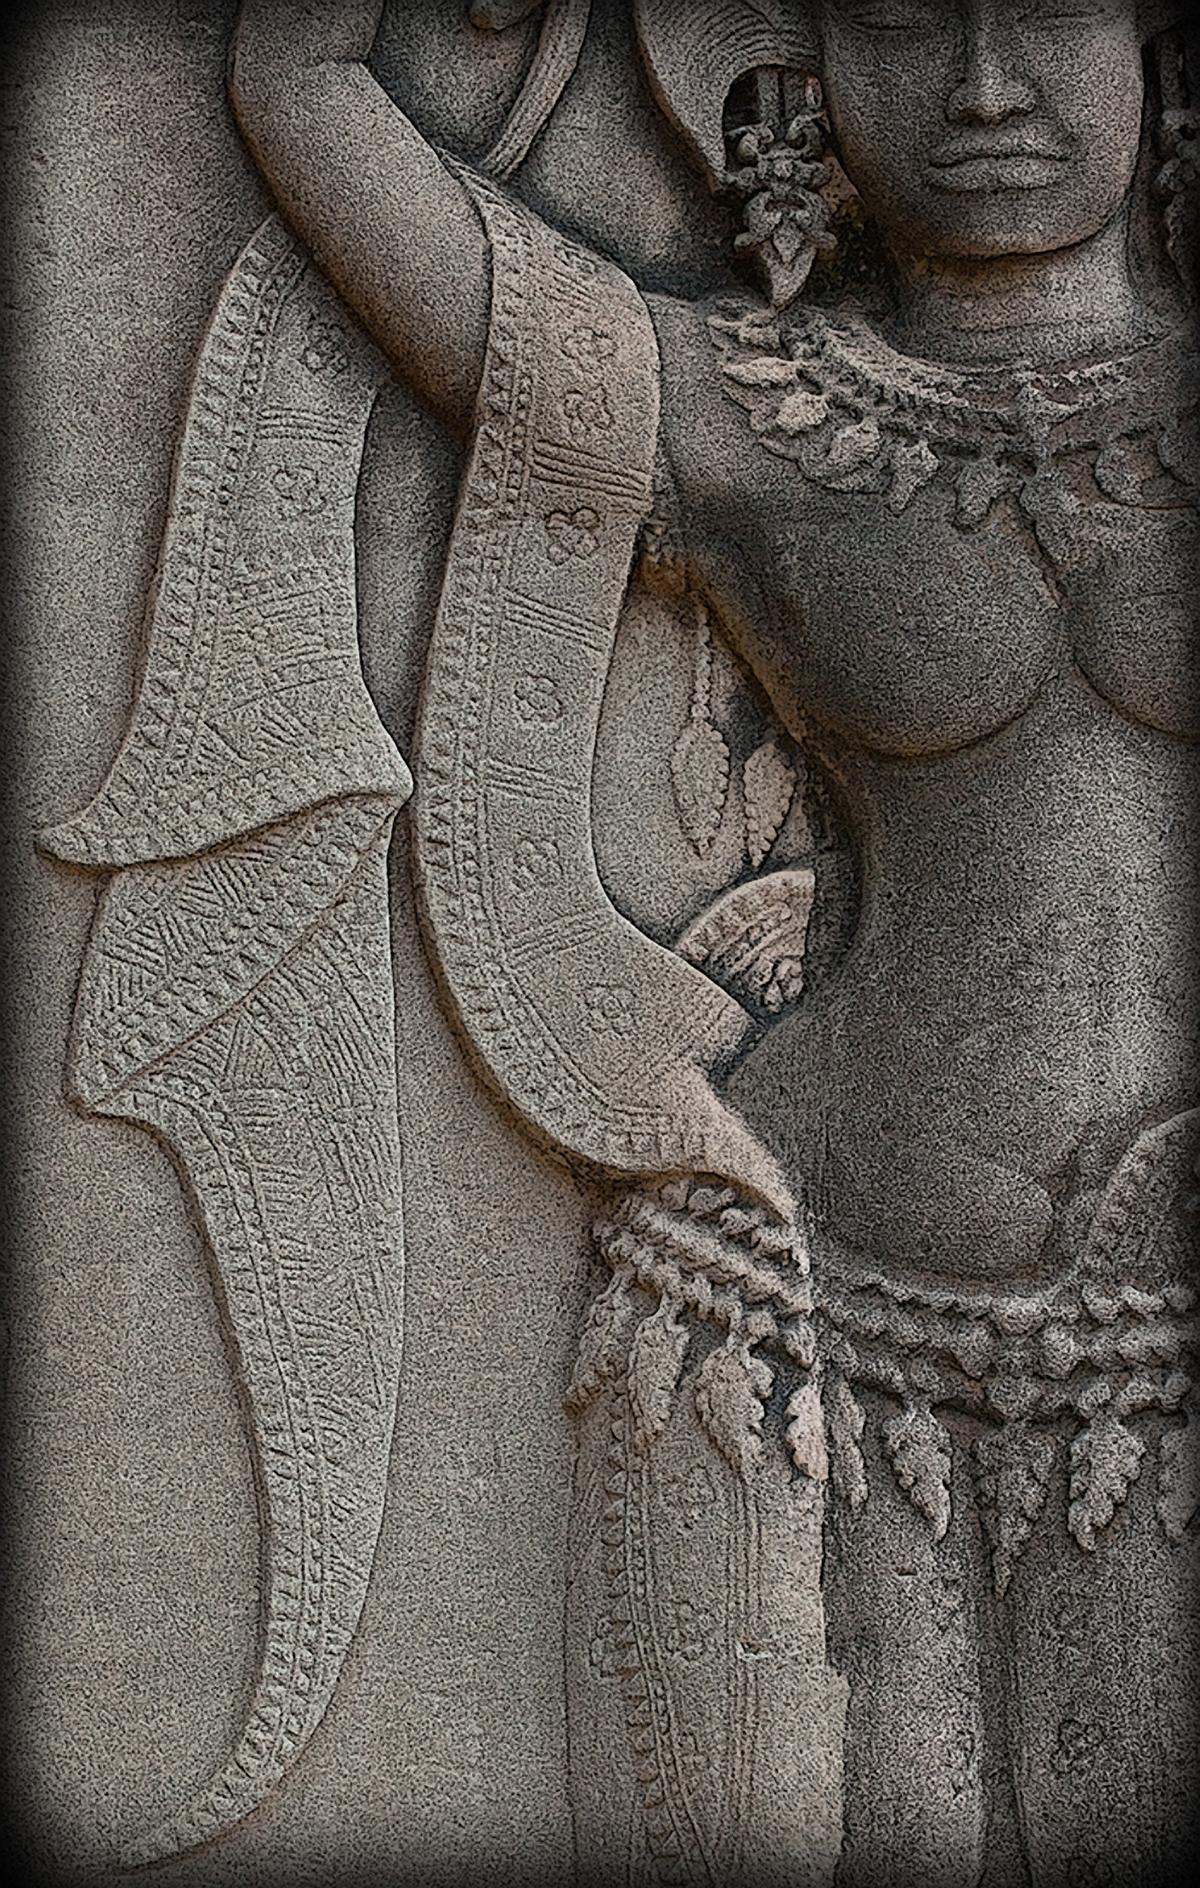 One Apsara Dancer